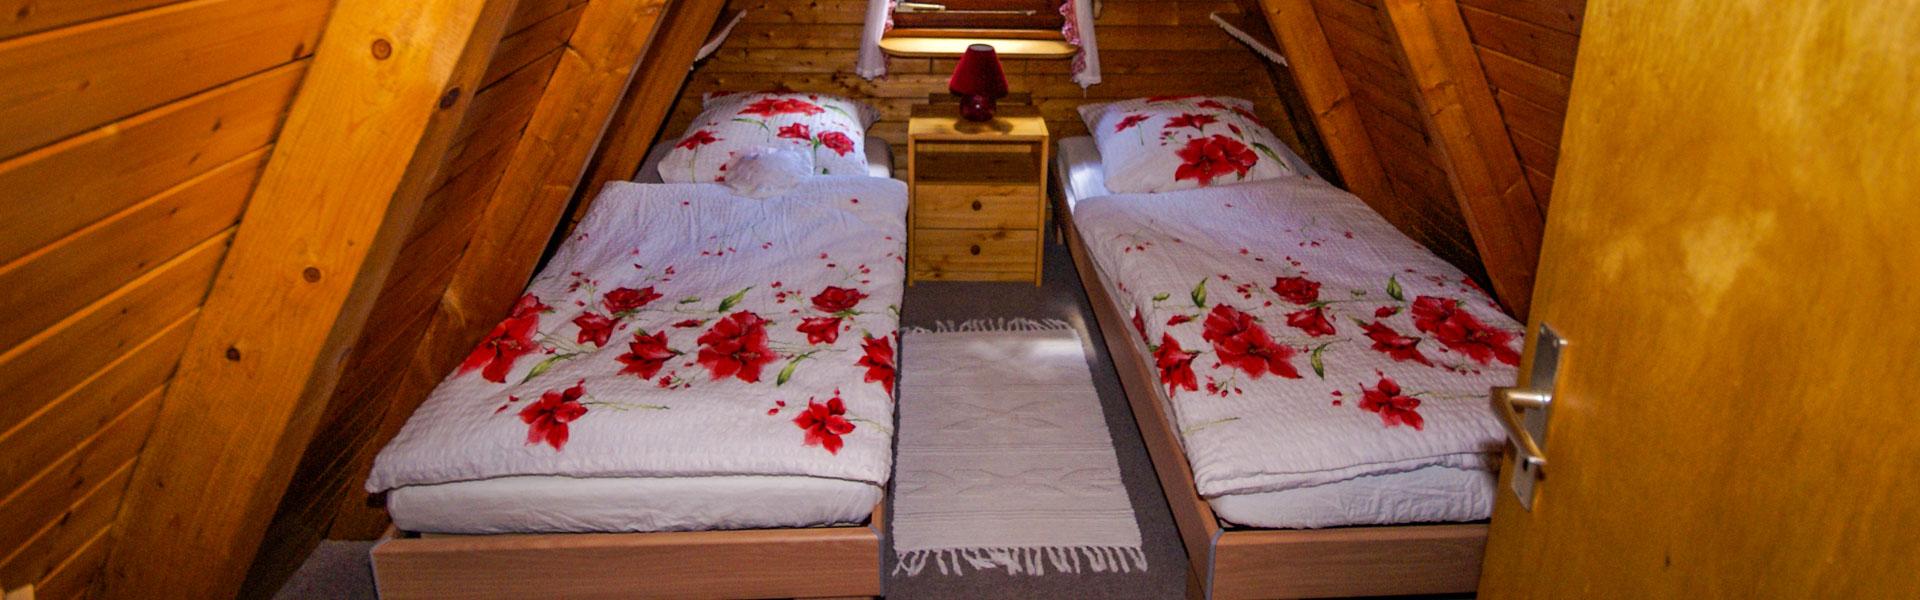 Fisbeck Ferienhaus Conneforde Schlafzimmer